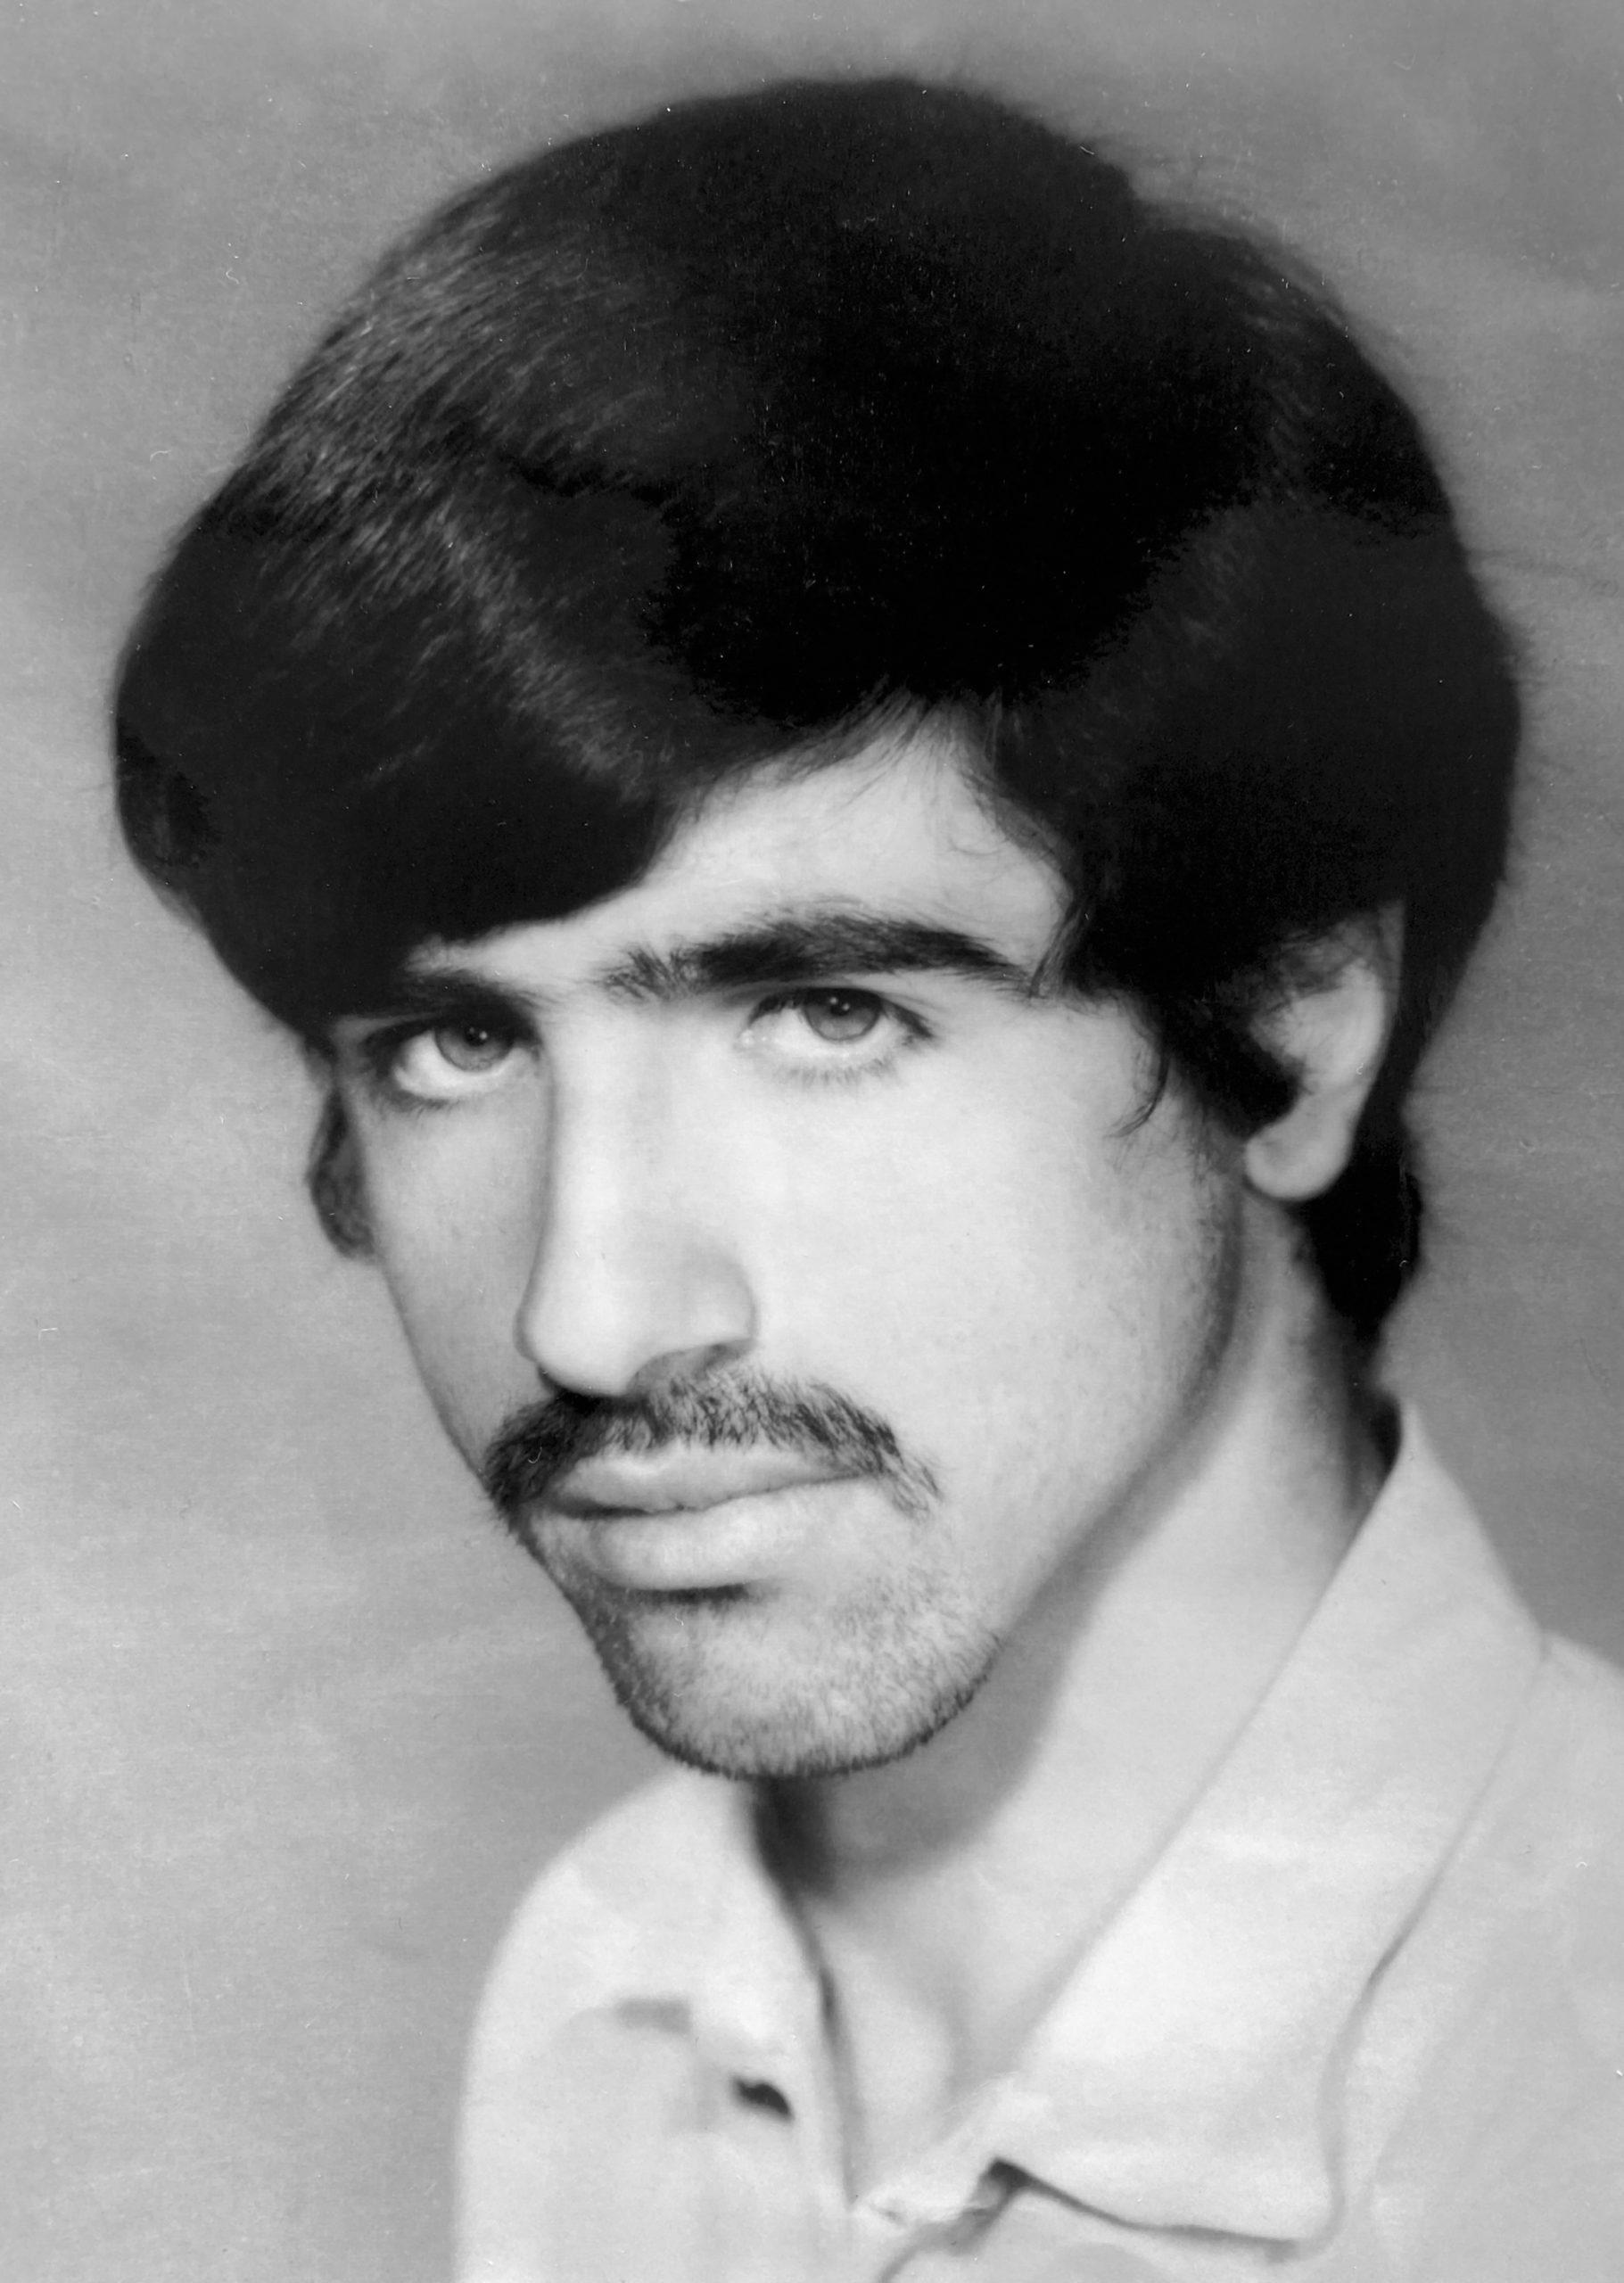 AFRIM K. ABAZI (07.06.1963 – 19.03.1982)